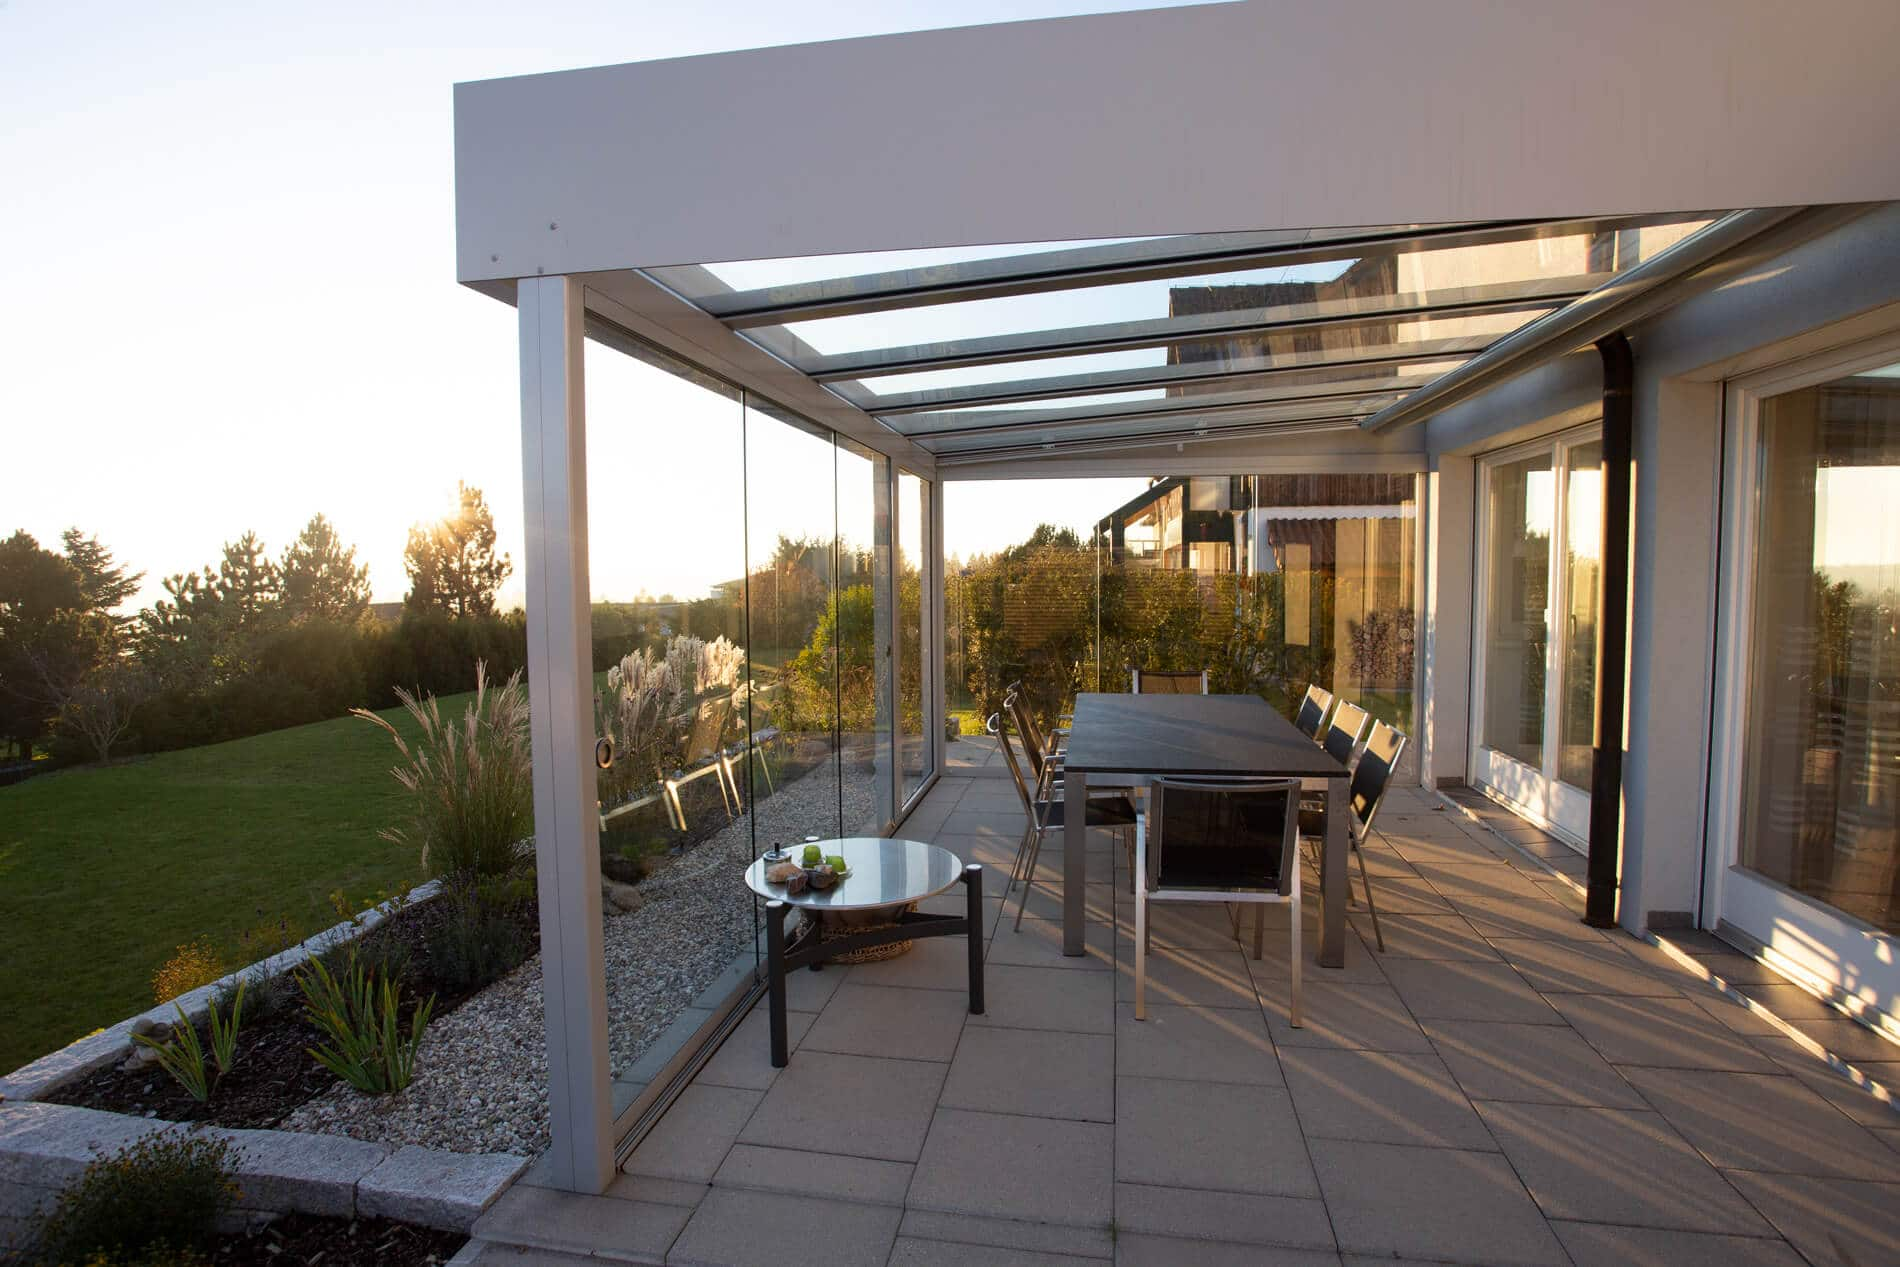 Schiebeverglasungen für Terrassenüberdachung